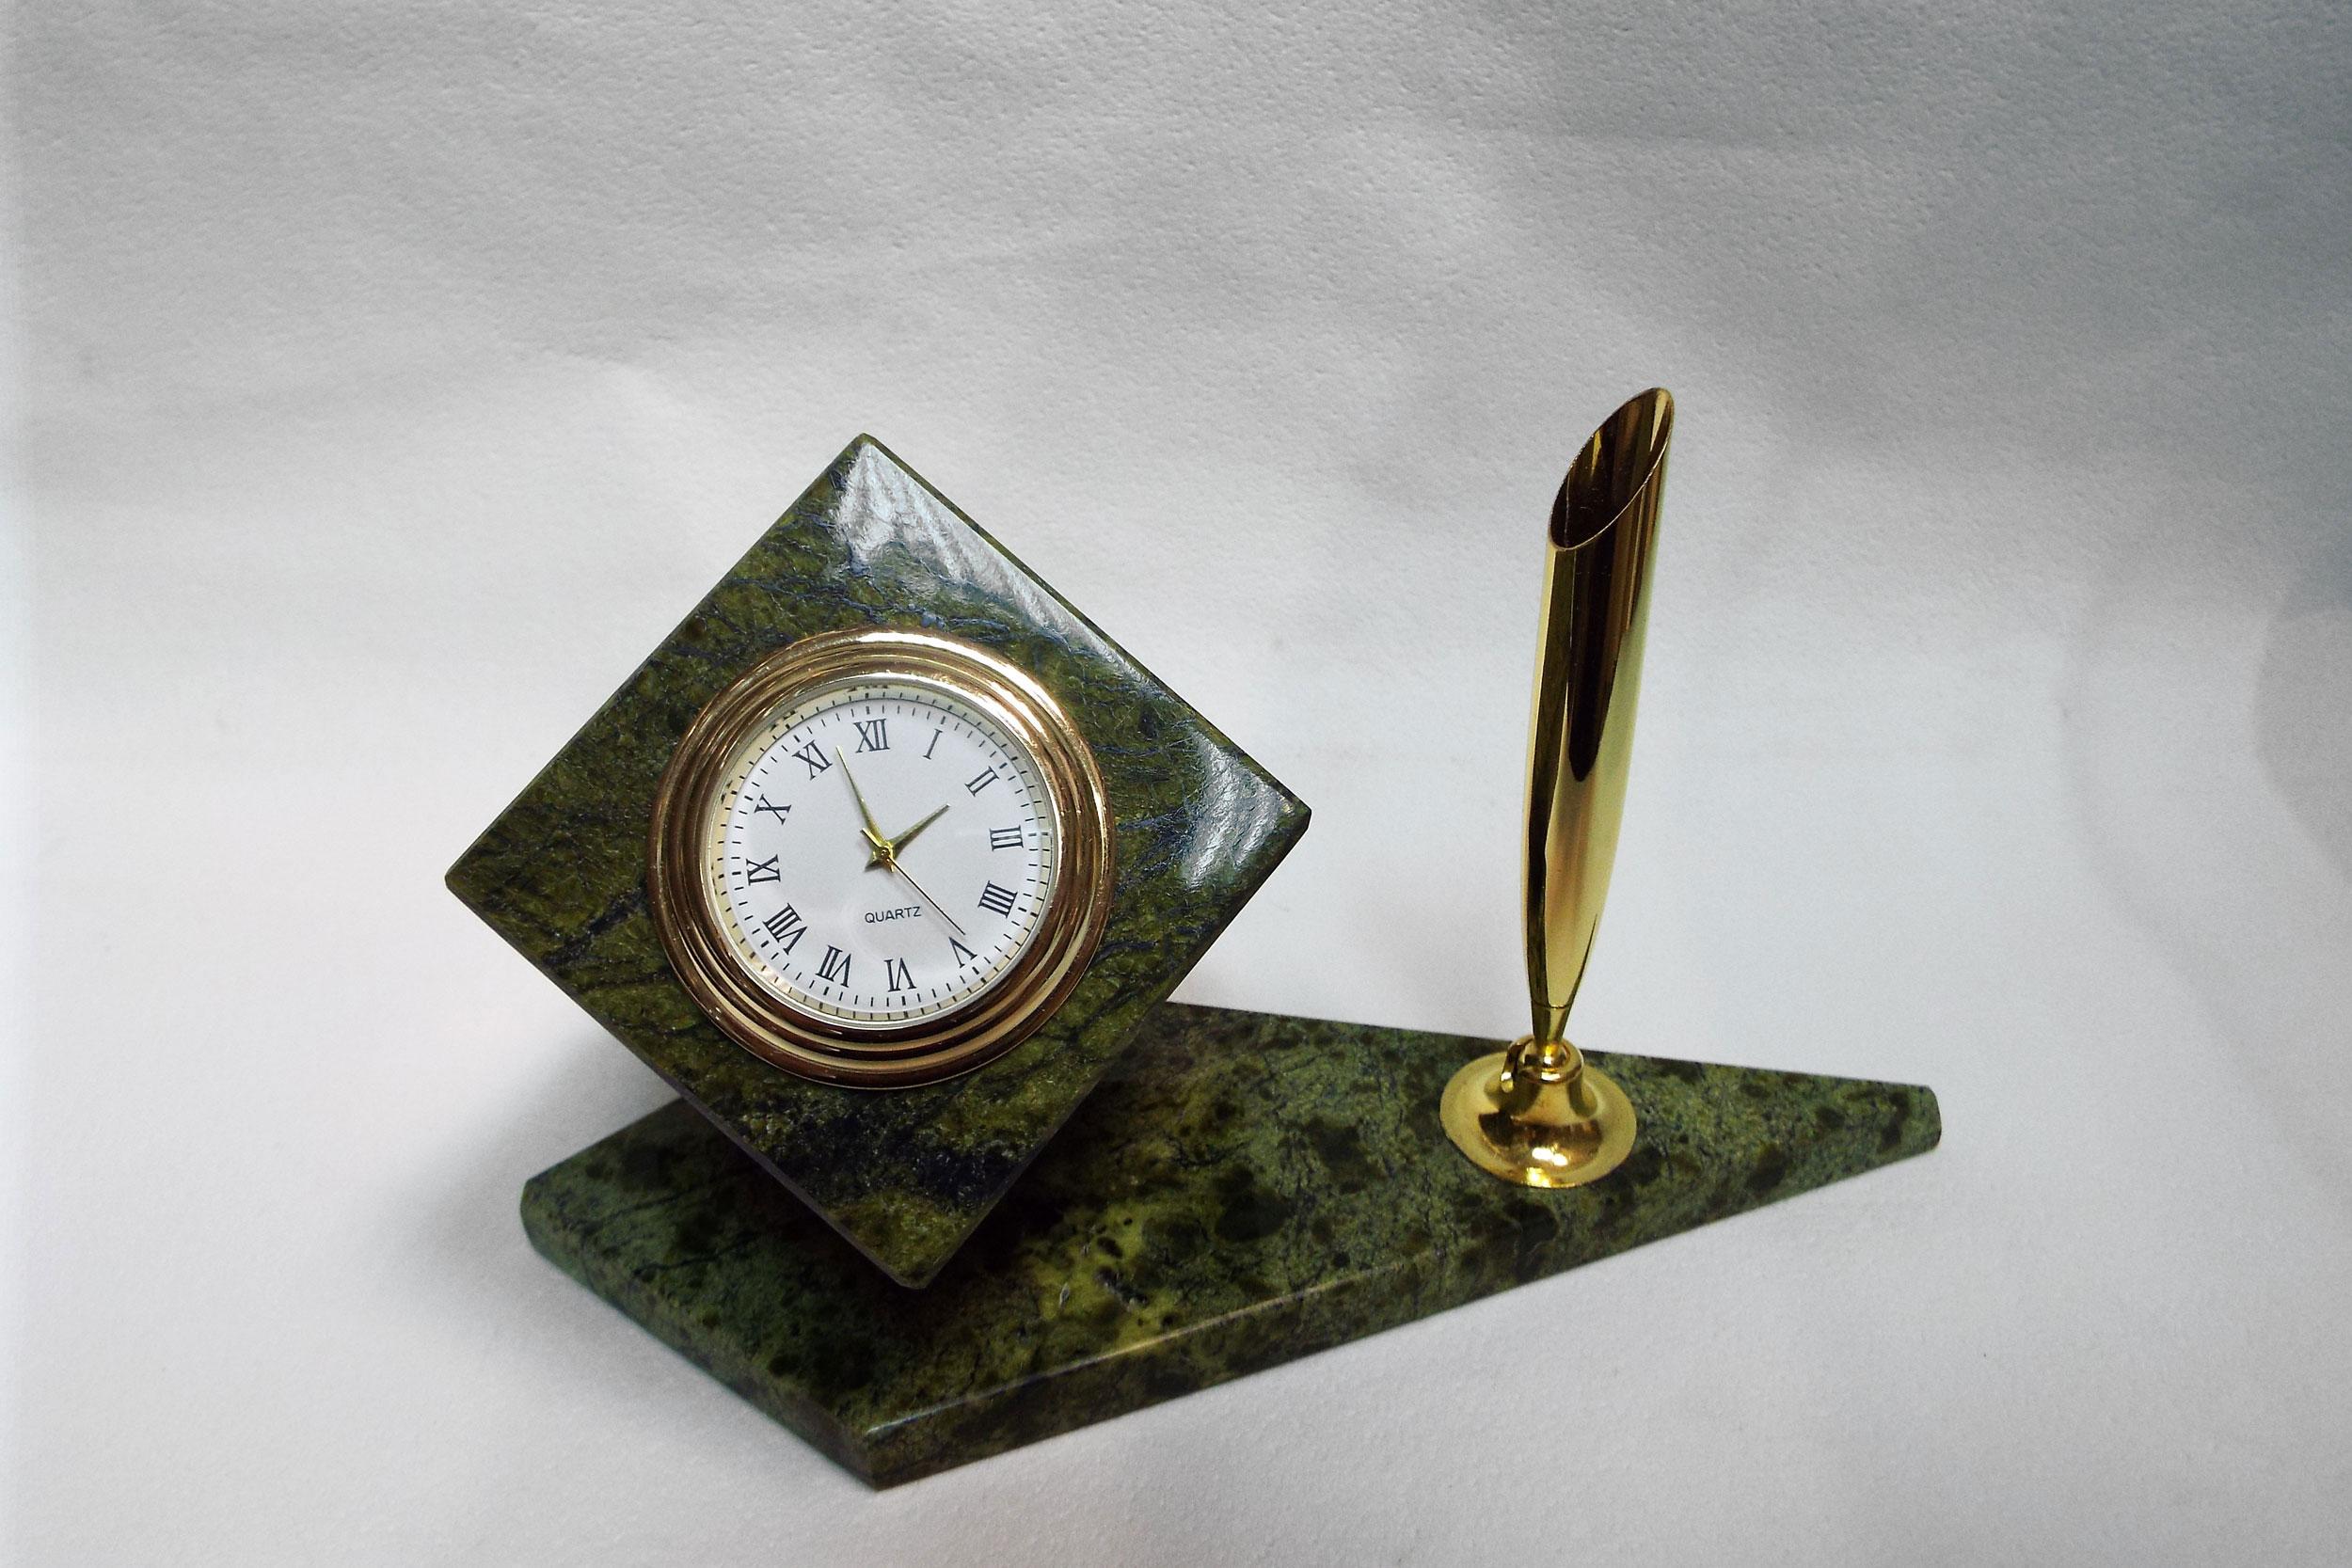 Письменный прибор с часами в кубе из змеевика